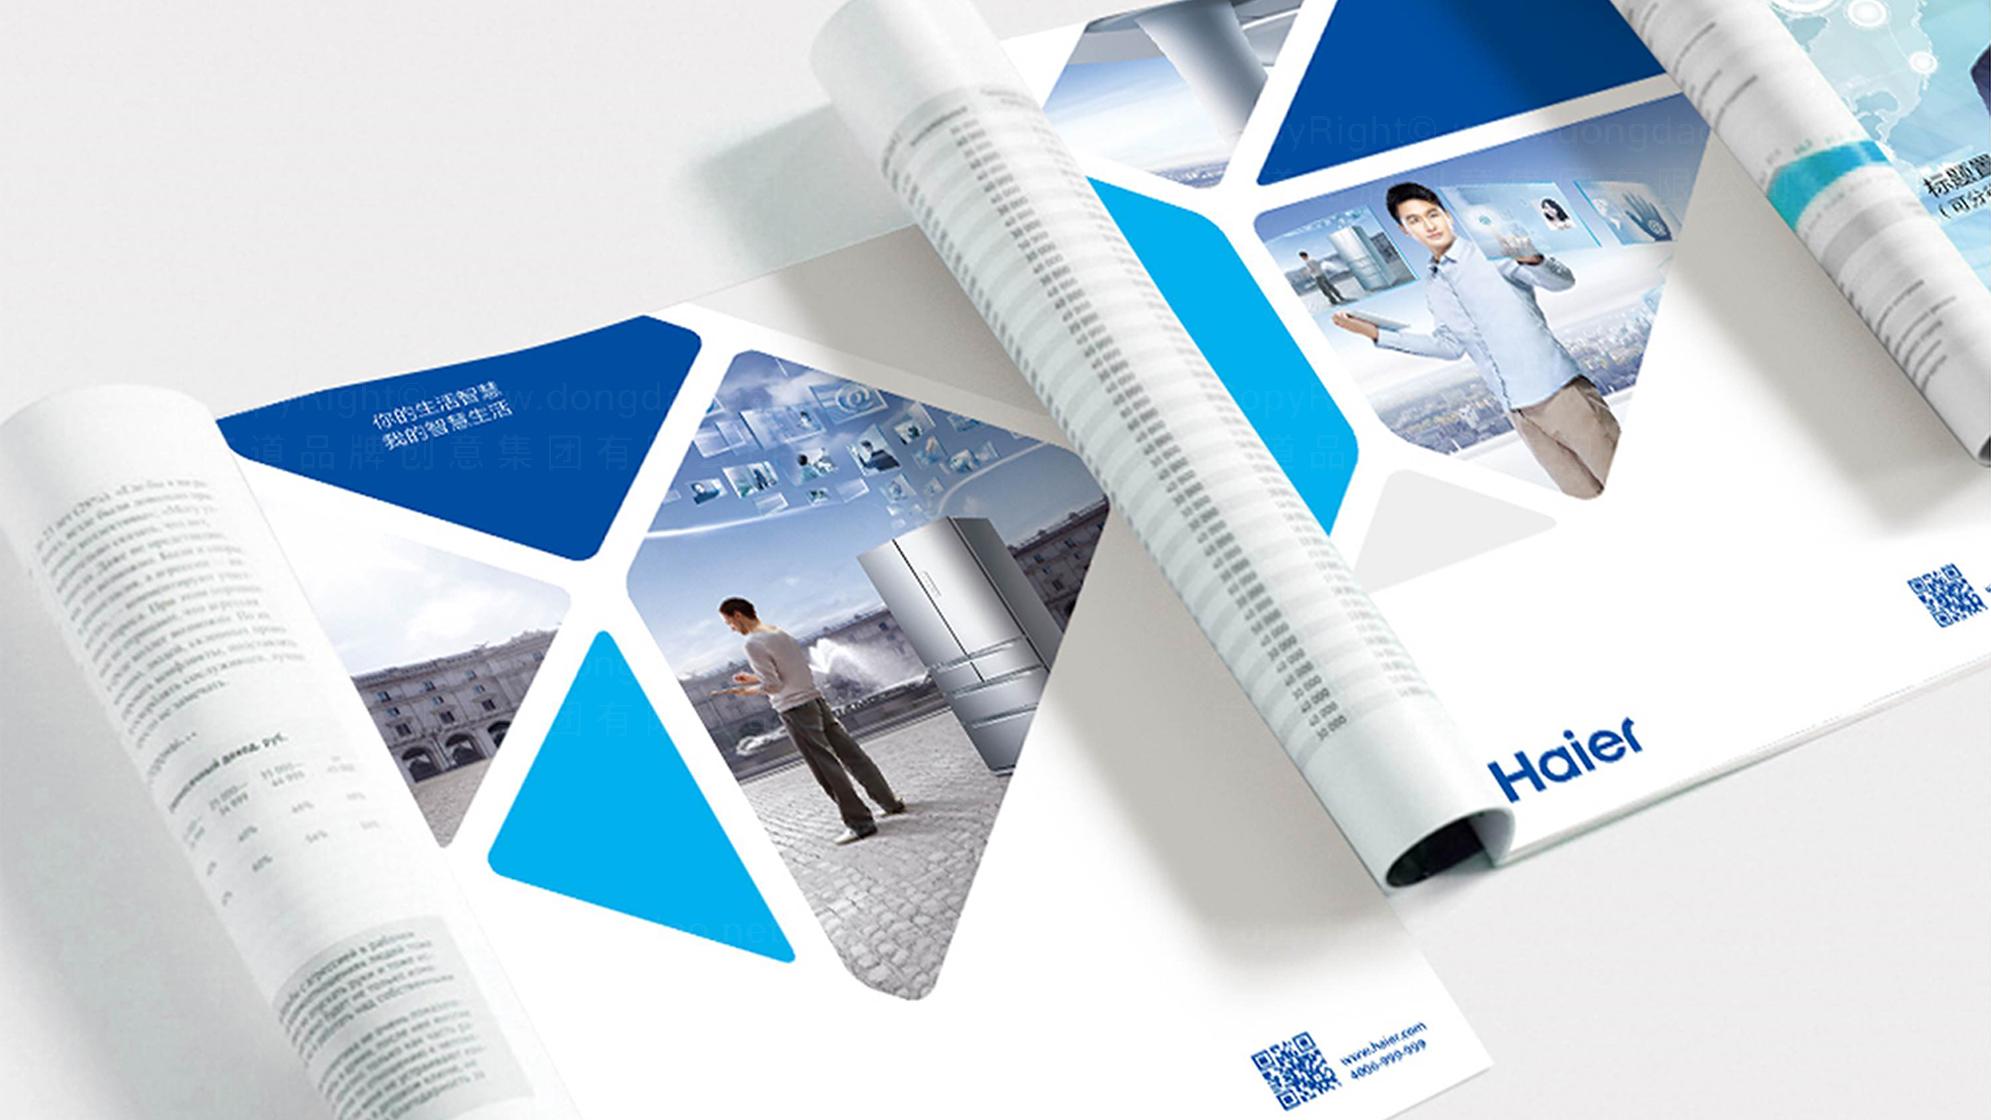 品牌设计海尔VI设计应用场景_6